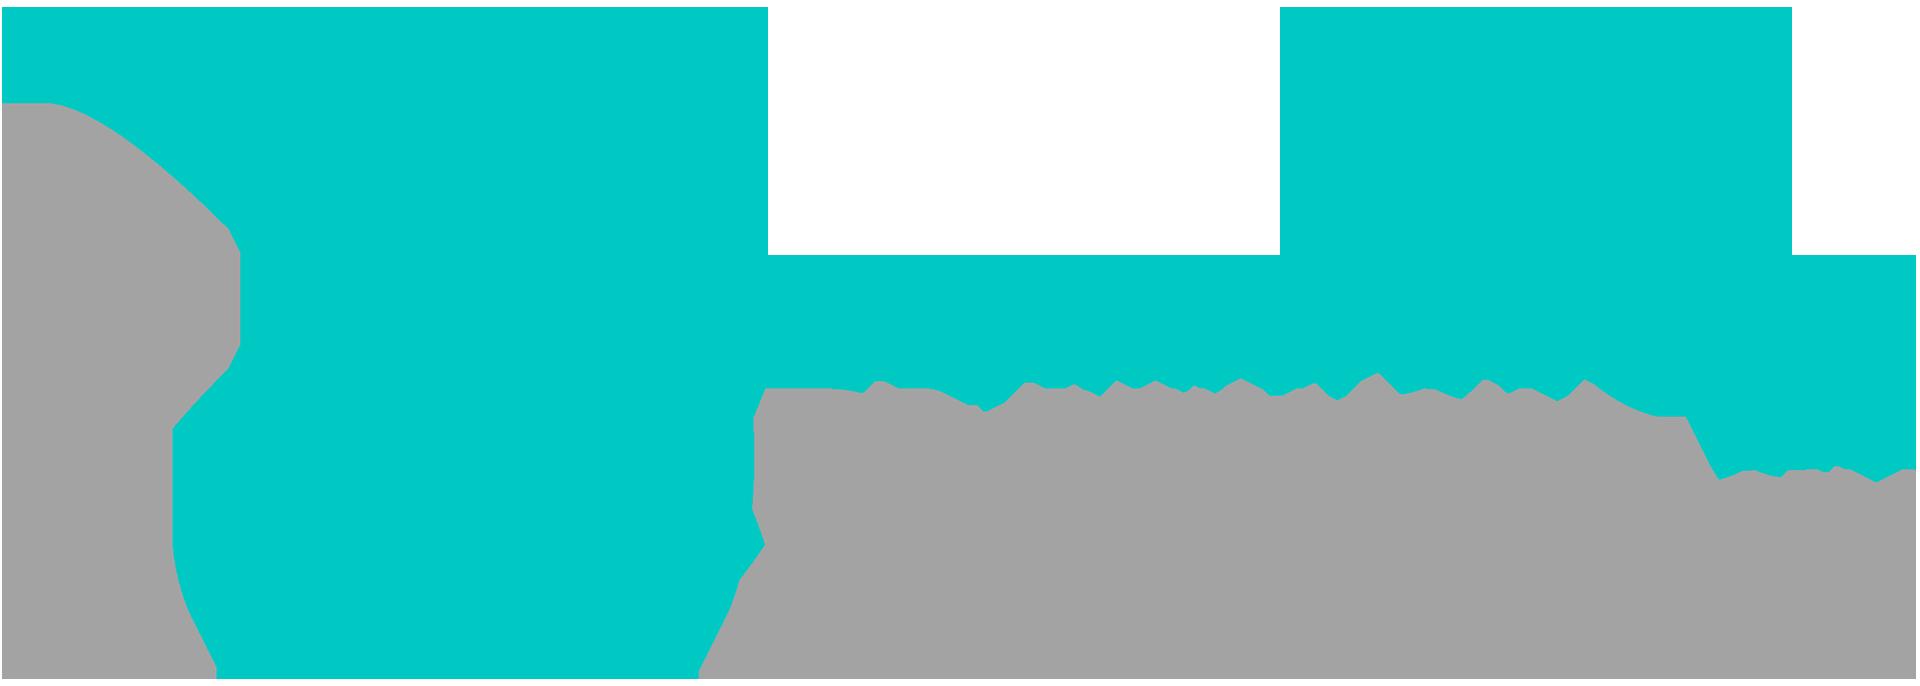 Unsere Leistungen im Bereich Dermatologie